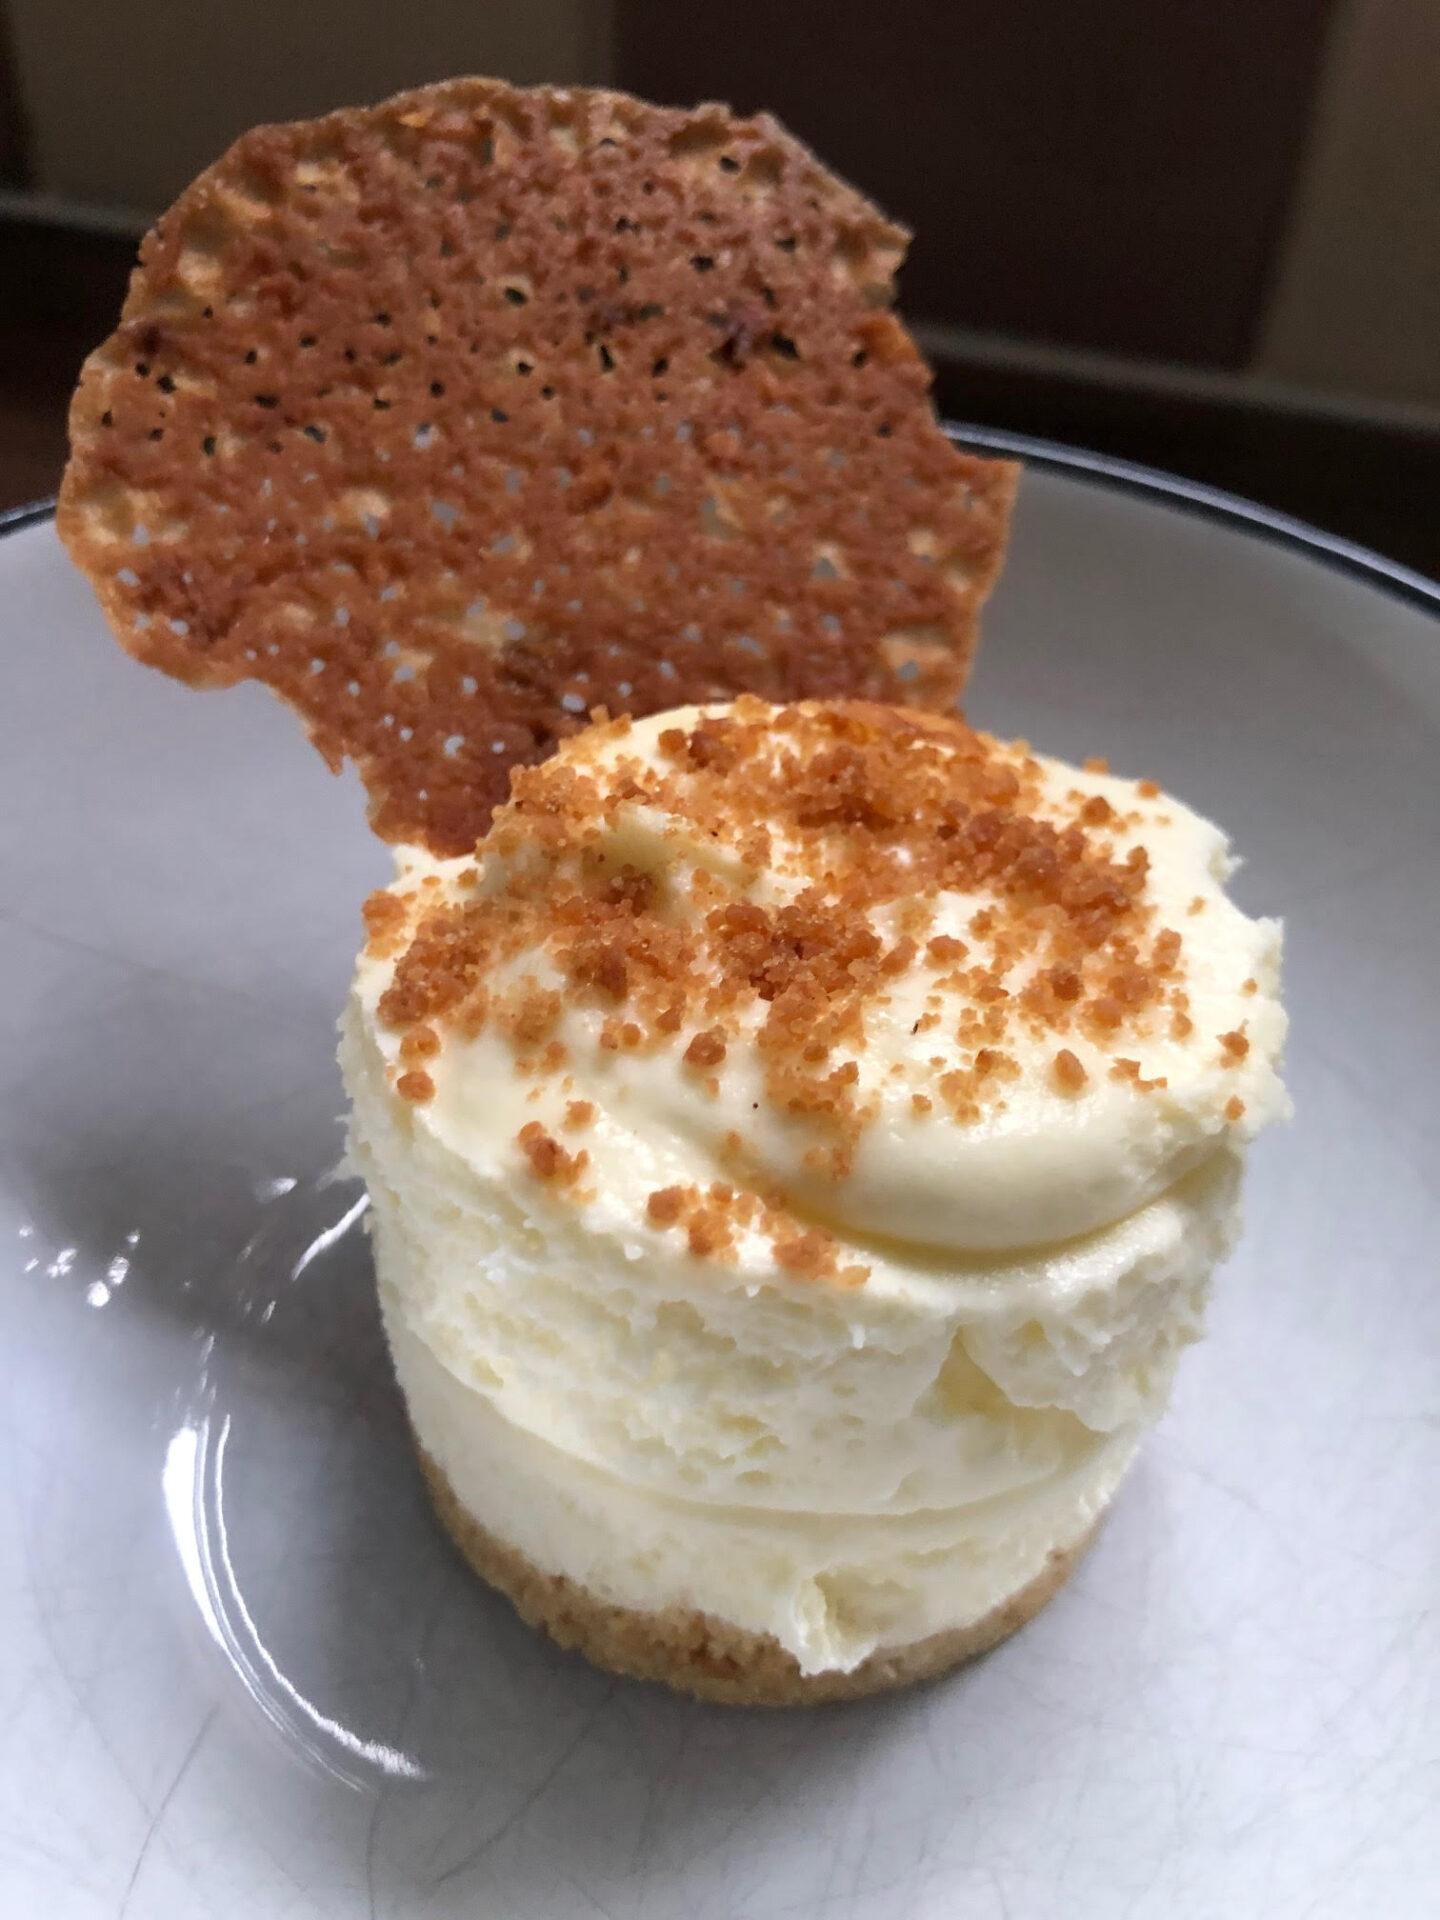 Pinch of Masala Cheesecake